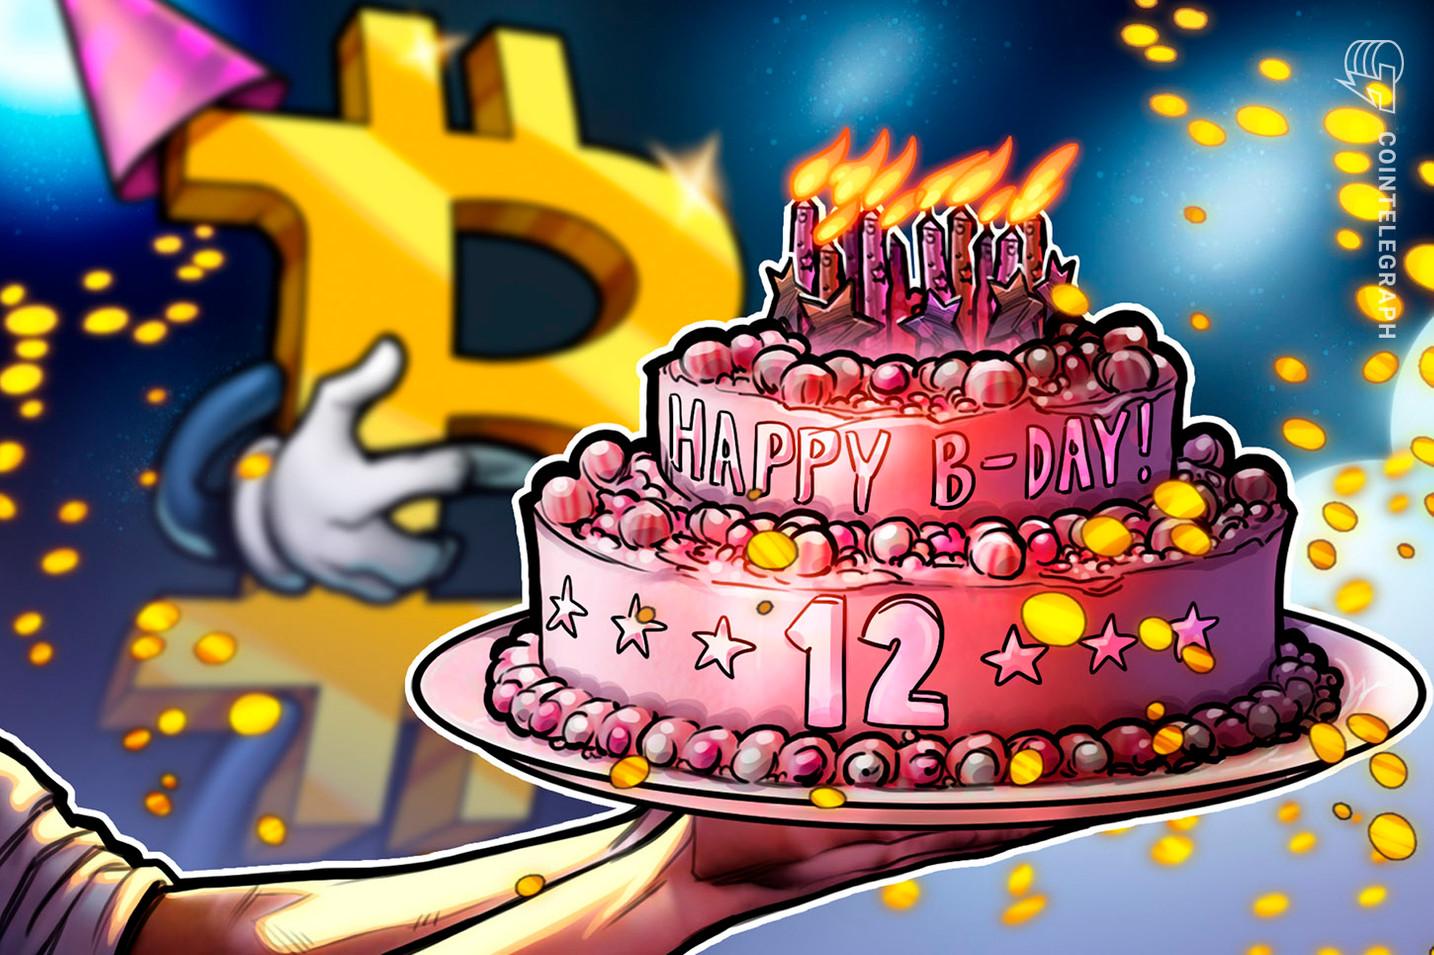 ¿Qué le desearían los líderes de la industria a Bitcoin por el duodécimo aniversario de su libro blanco?